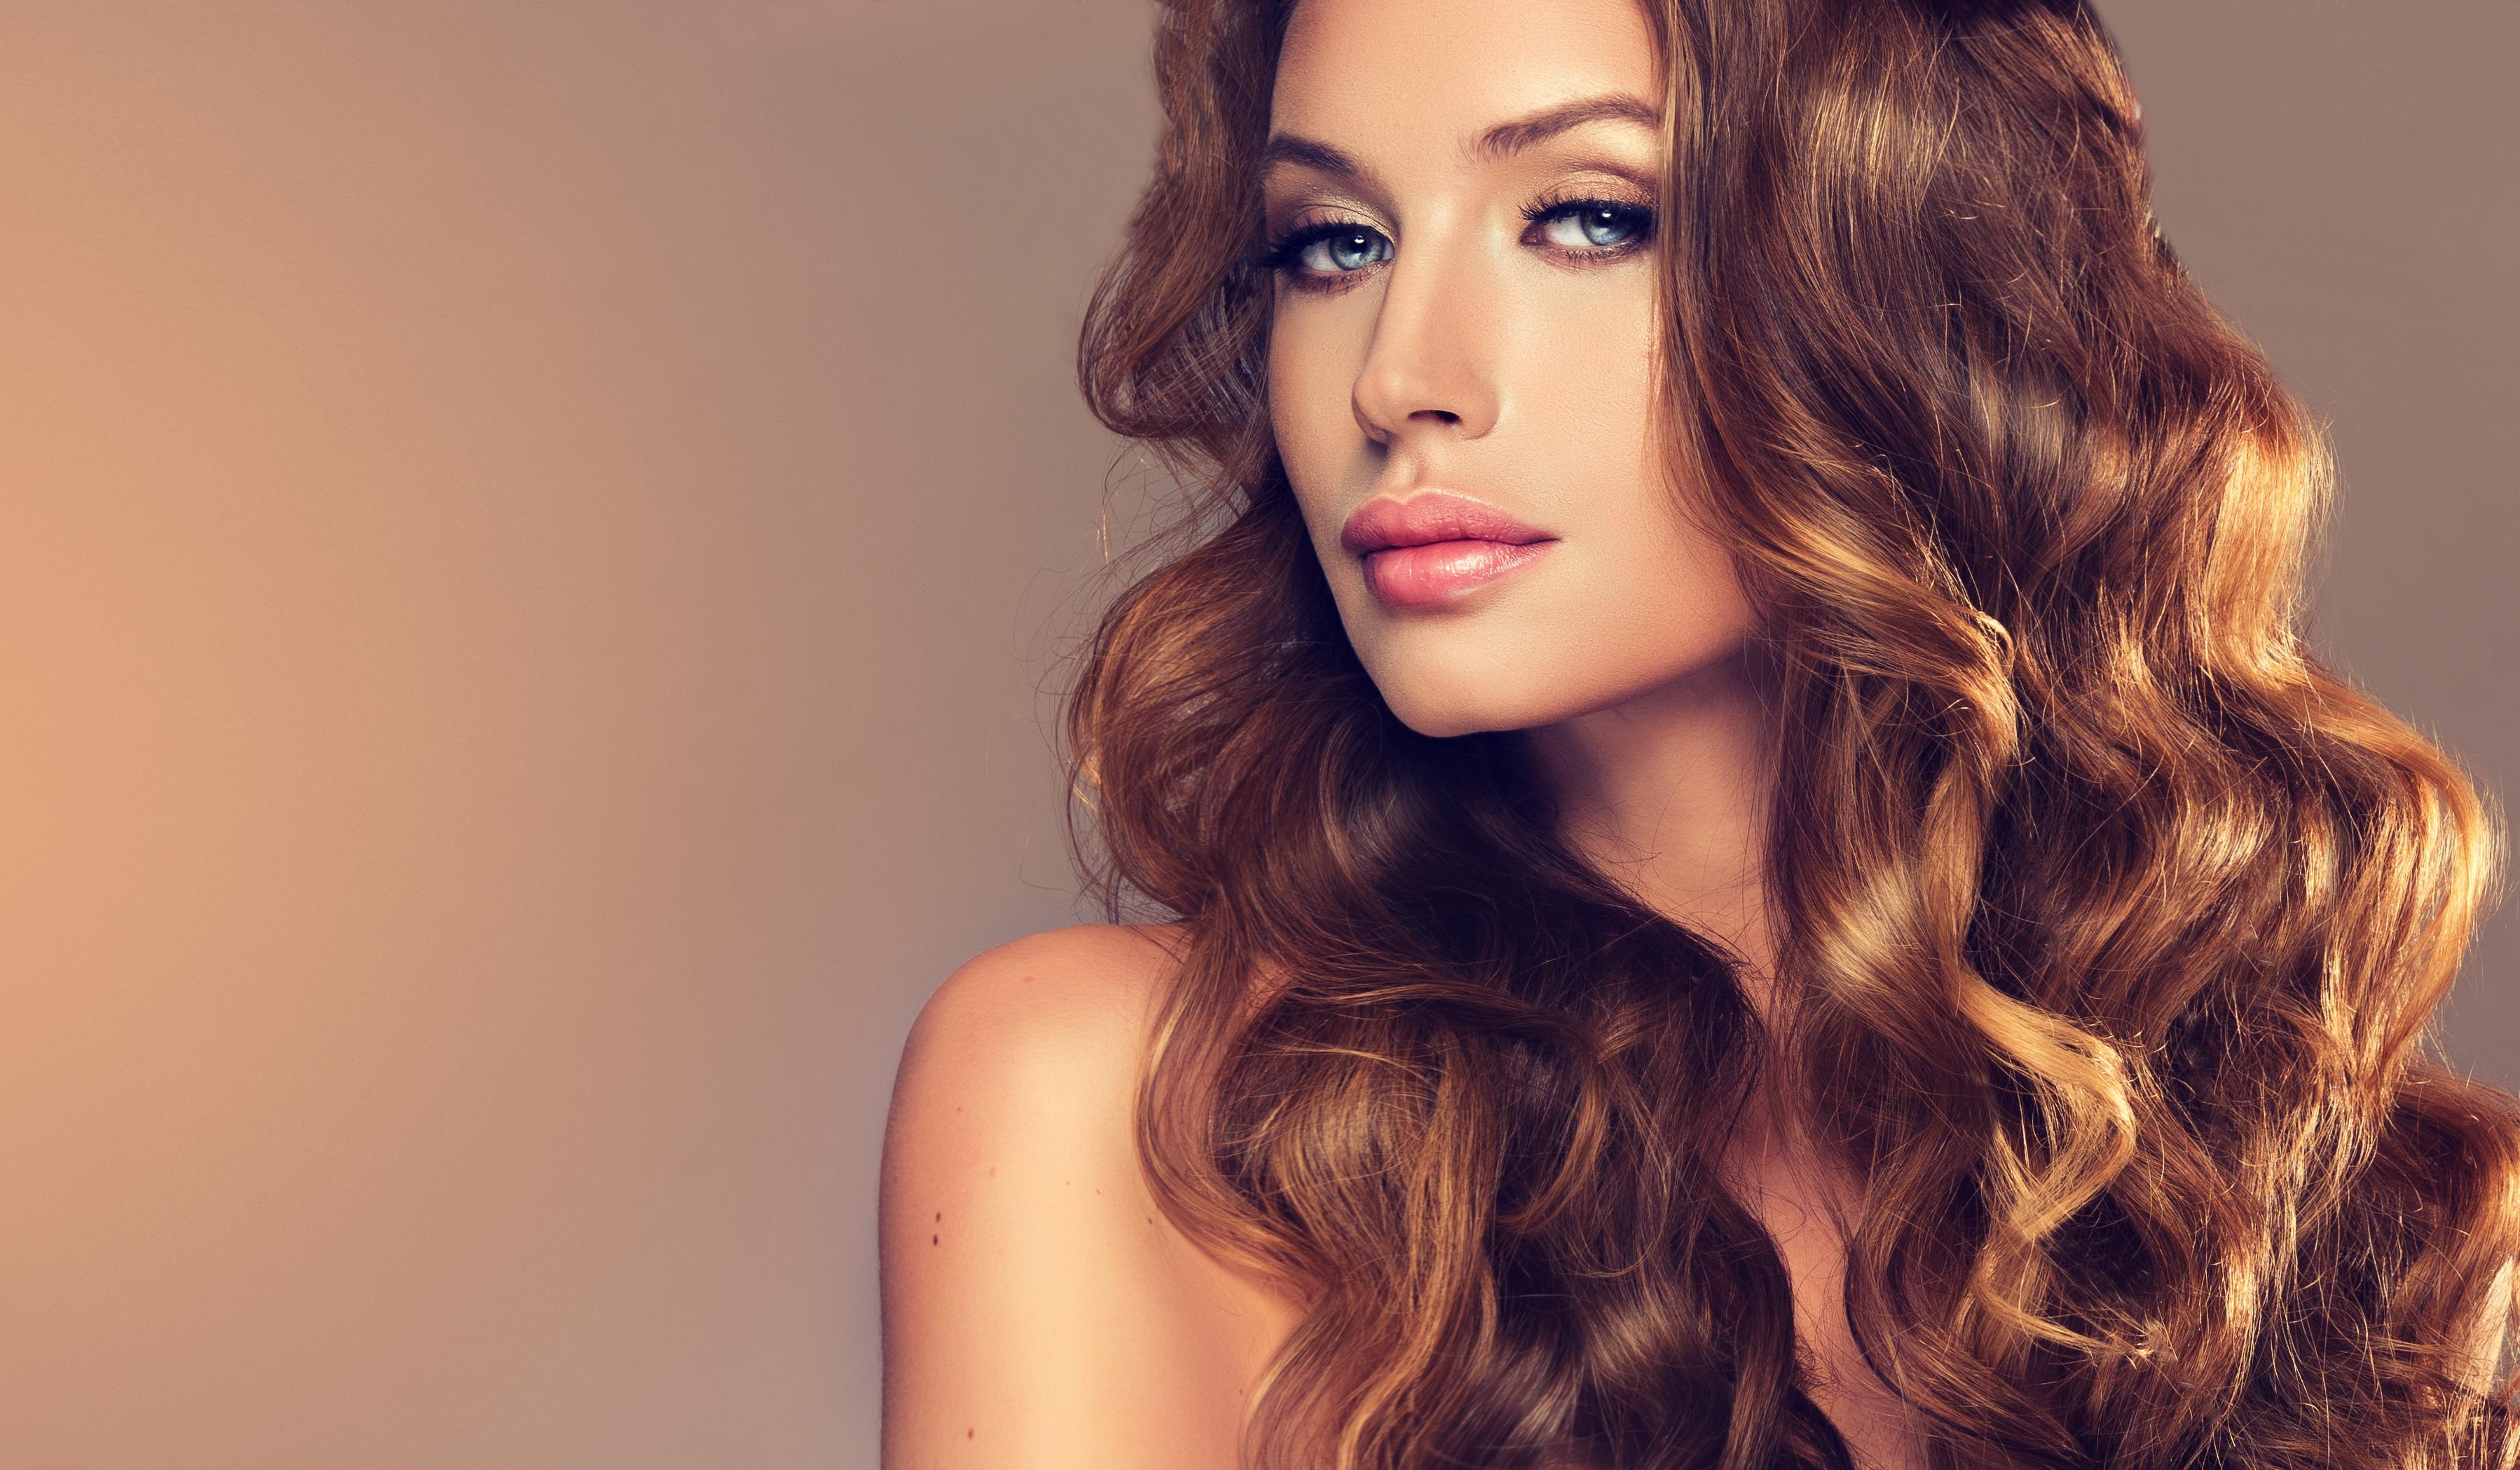 Окрашивание волос в светлые тона: виды и технология выполнения